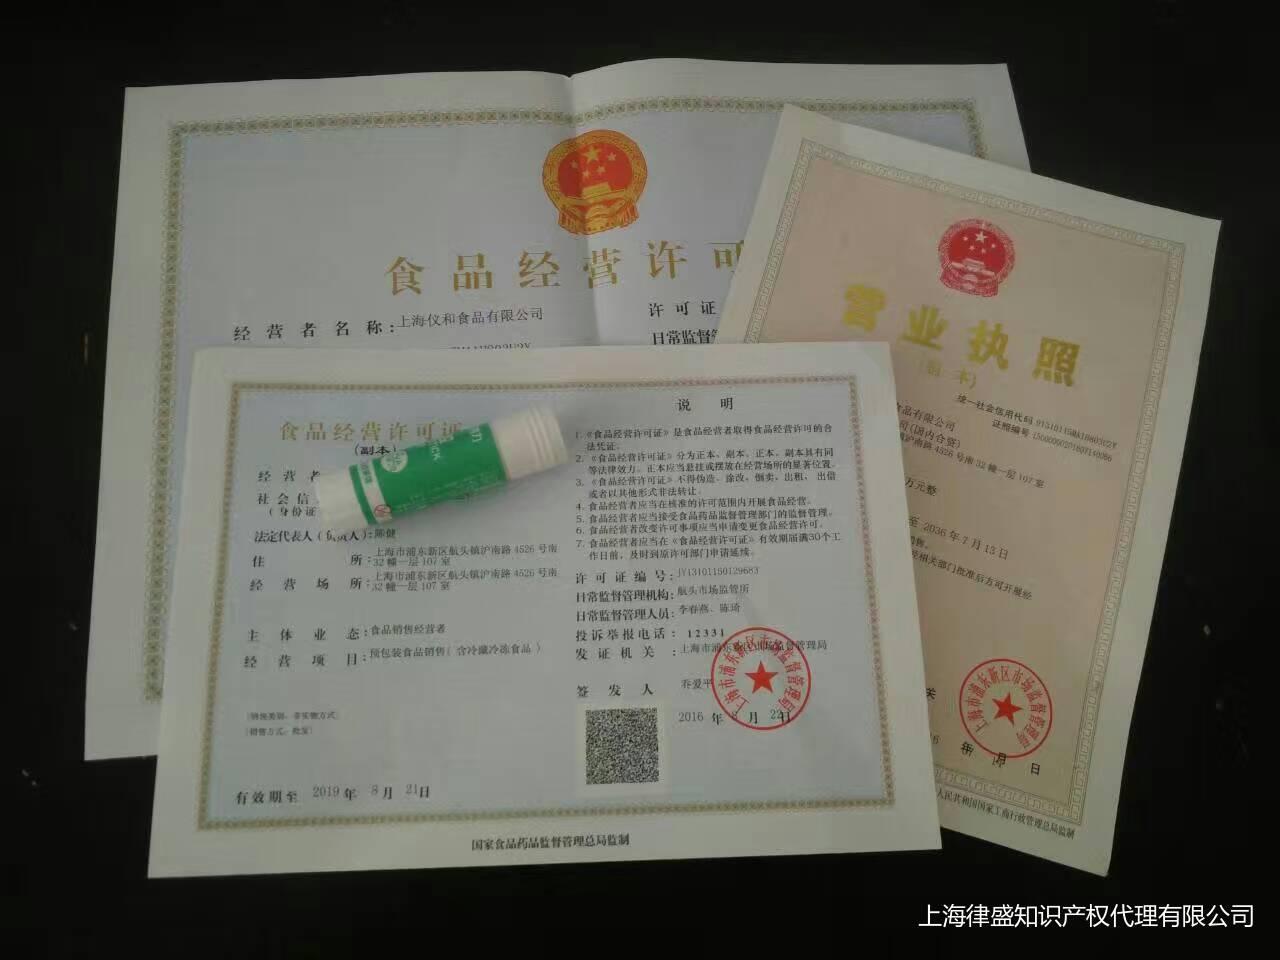 食品公司执照和流通许可.jpg